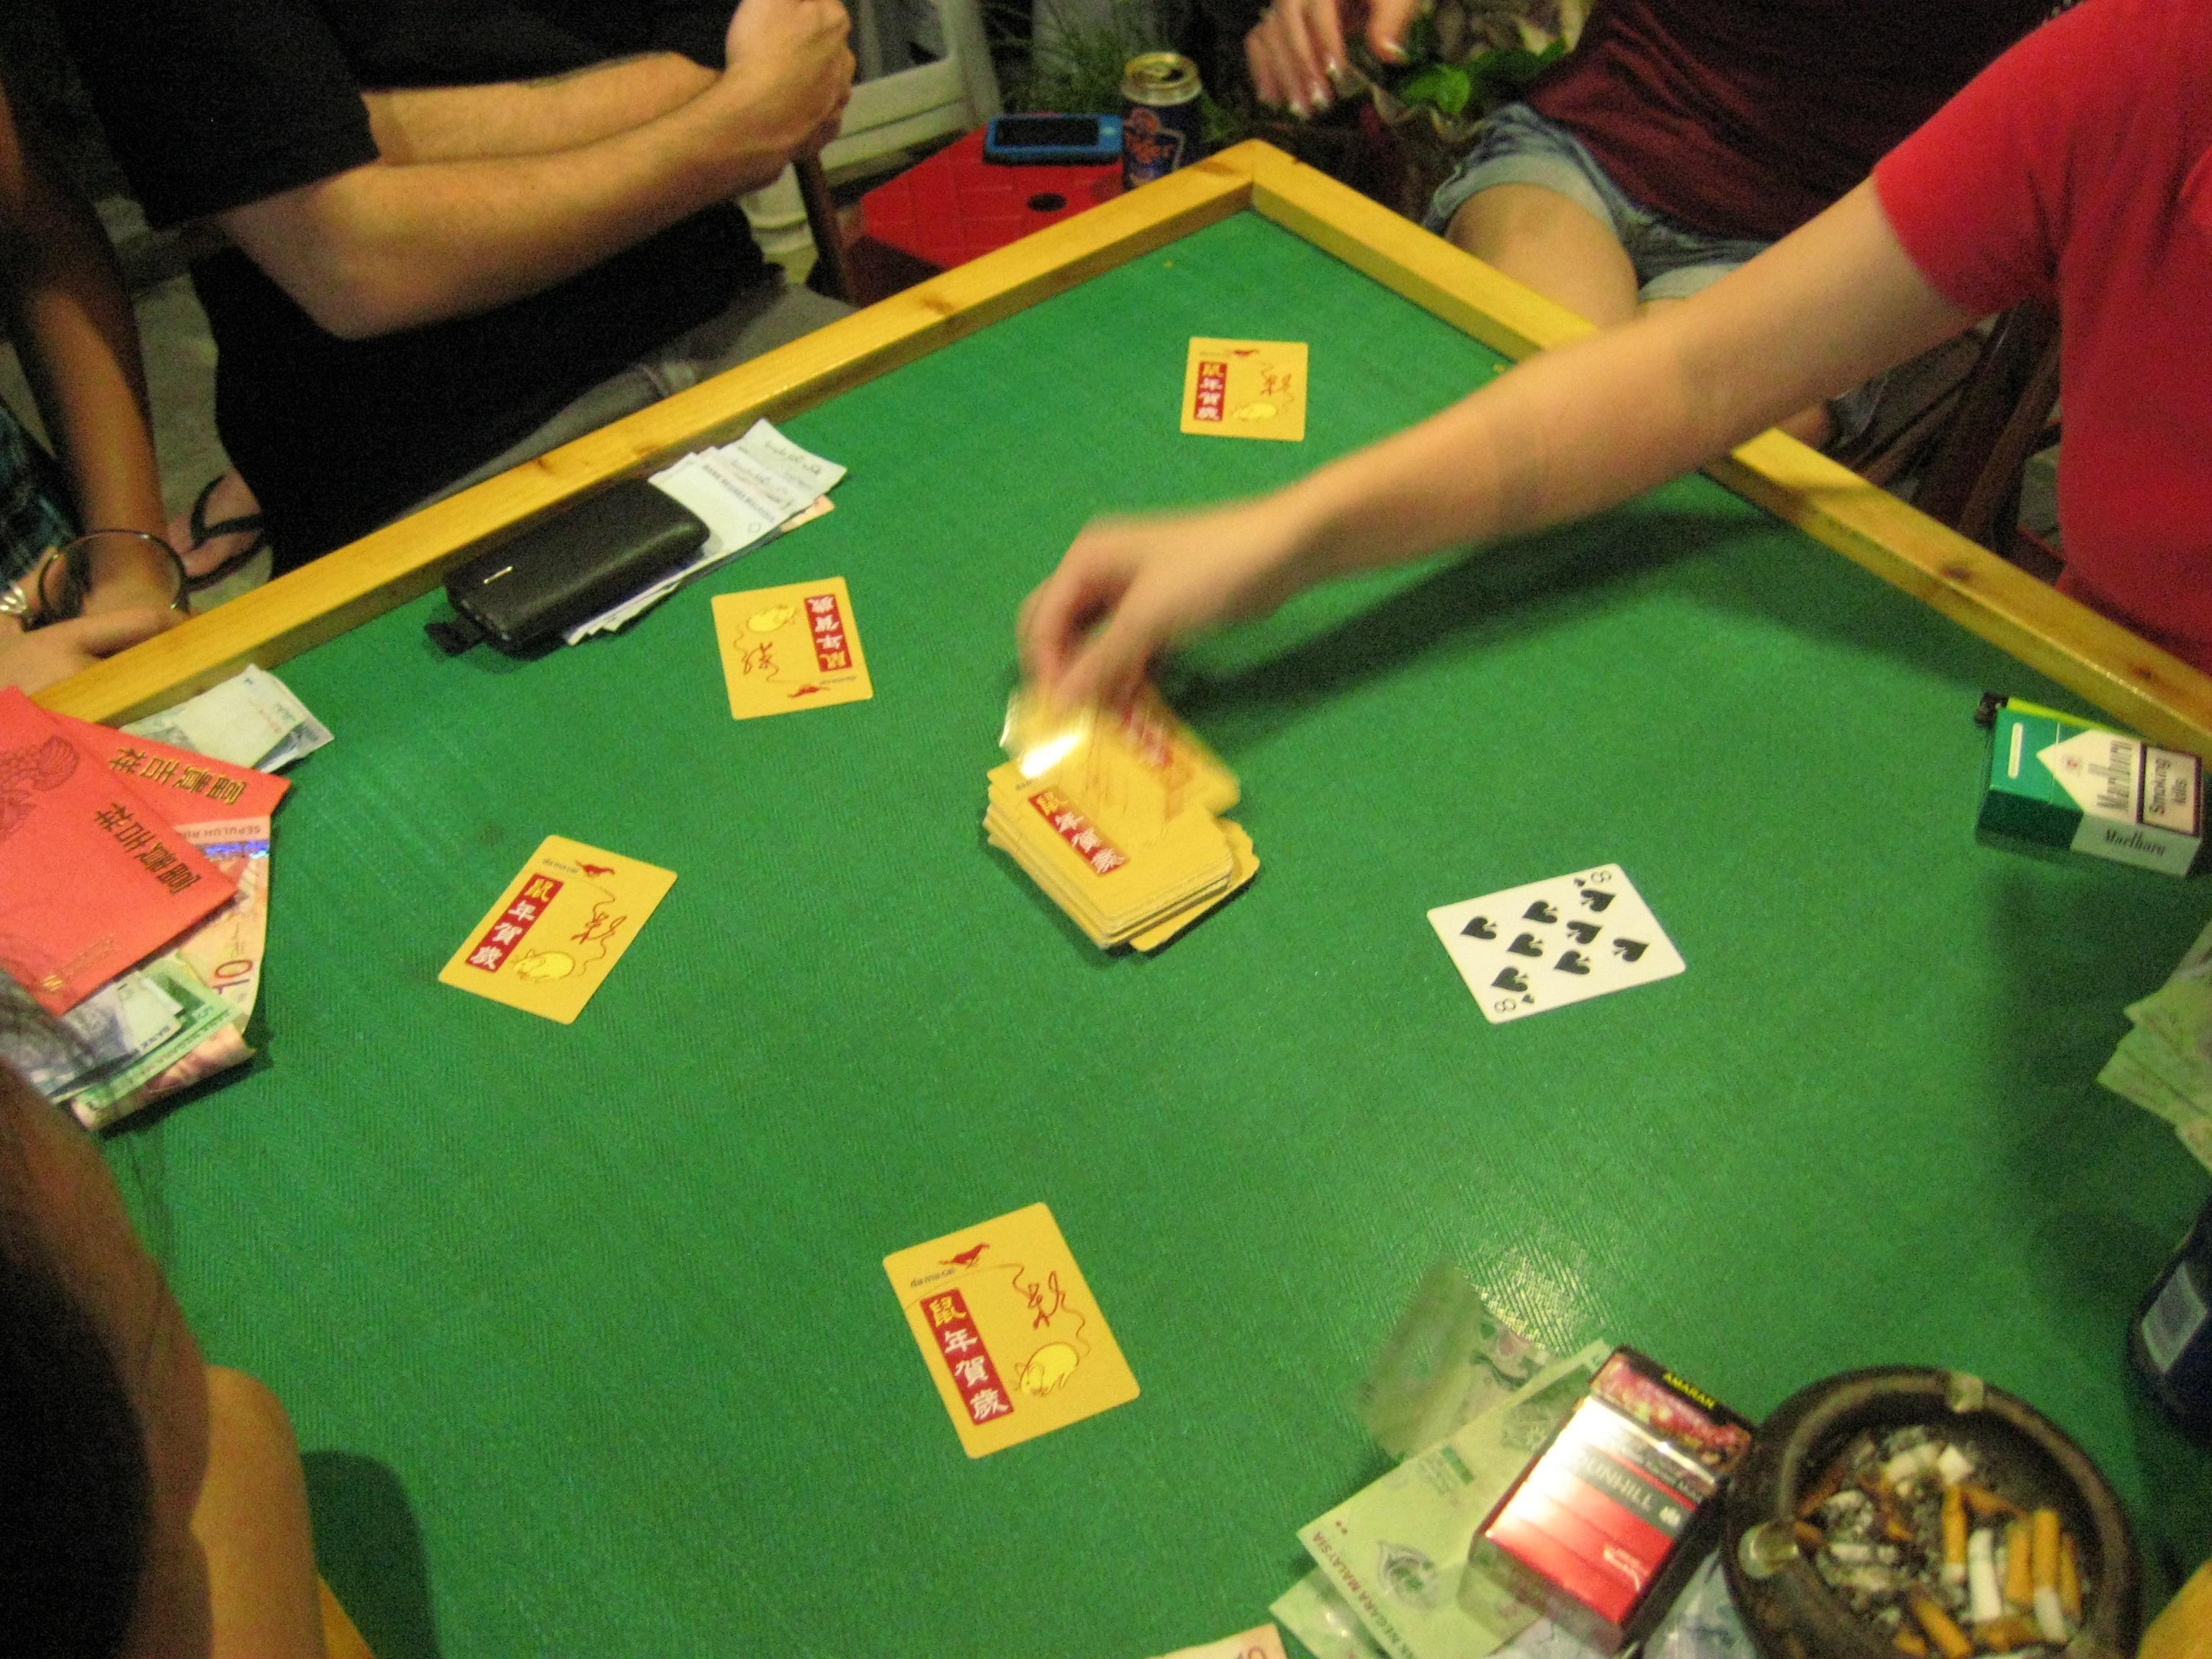 Chinese new year gambling epiphone casino amp